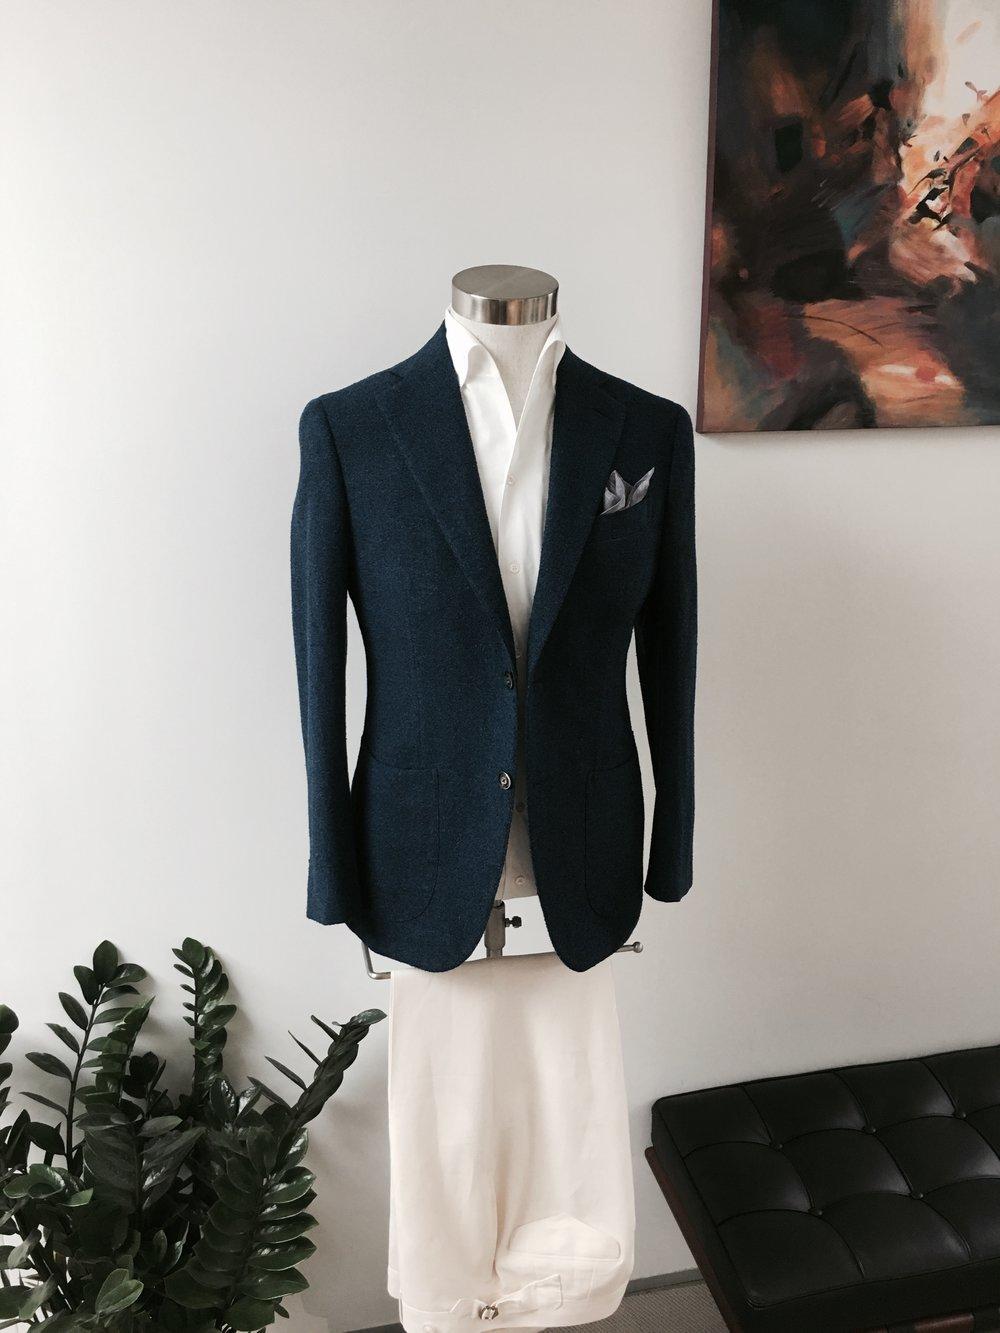 Bespoke Leisure Wear Companion in Vintage Cotton Linen. HK$13,800.